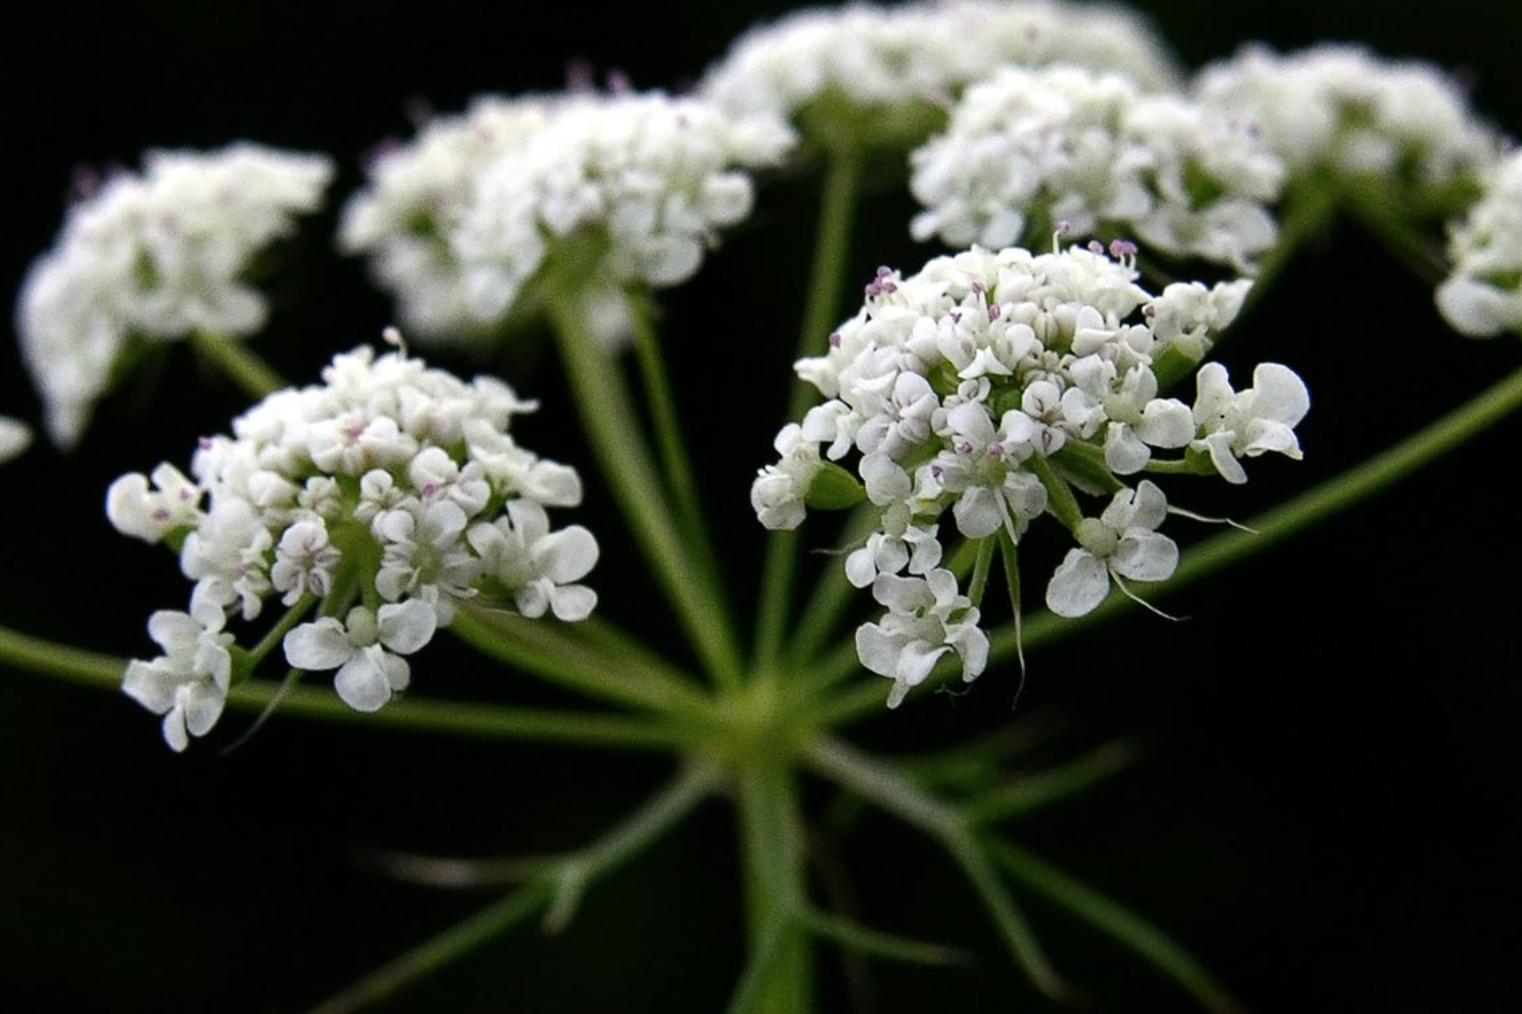 Dille fleur de carotte les fleurs du mois de juin - Arbre a carotte ...